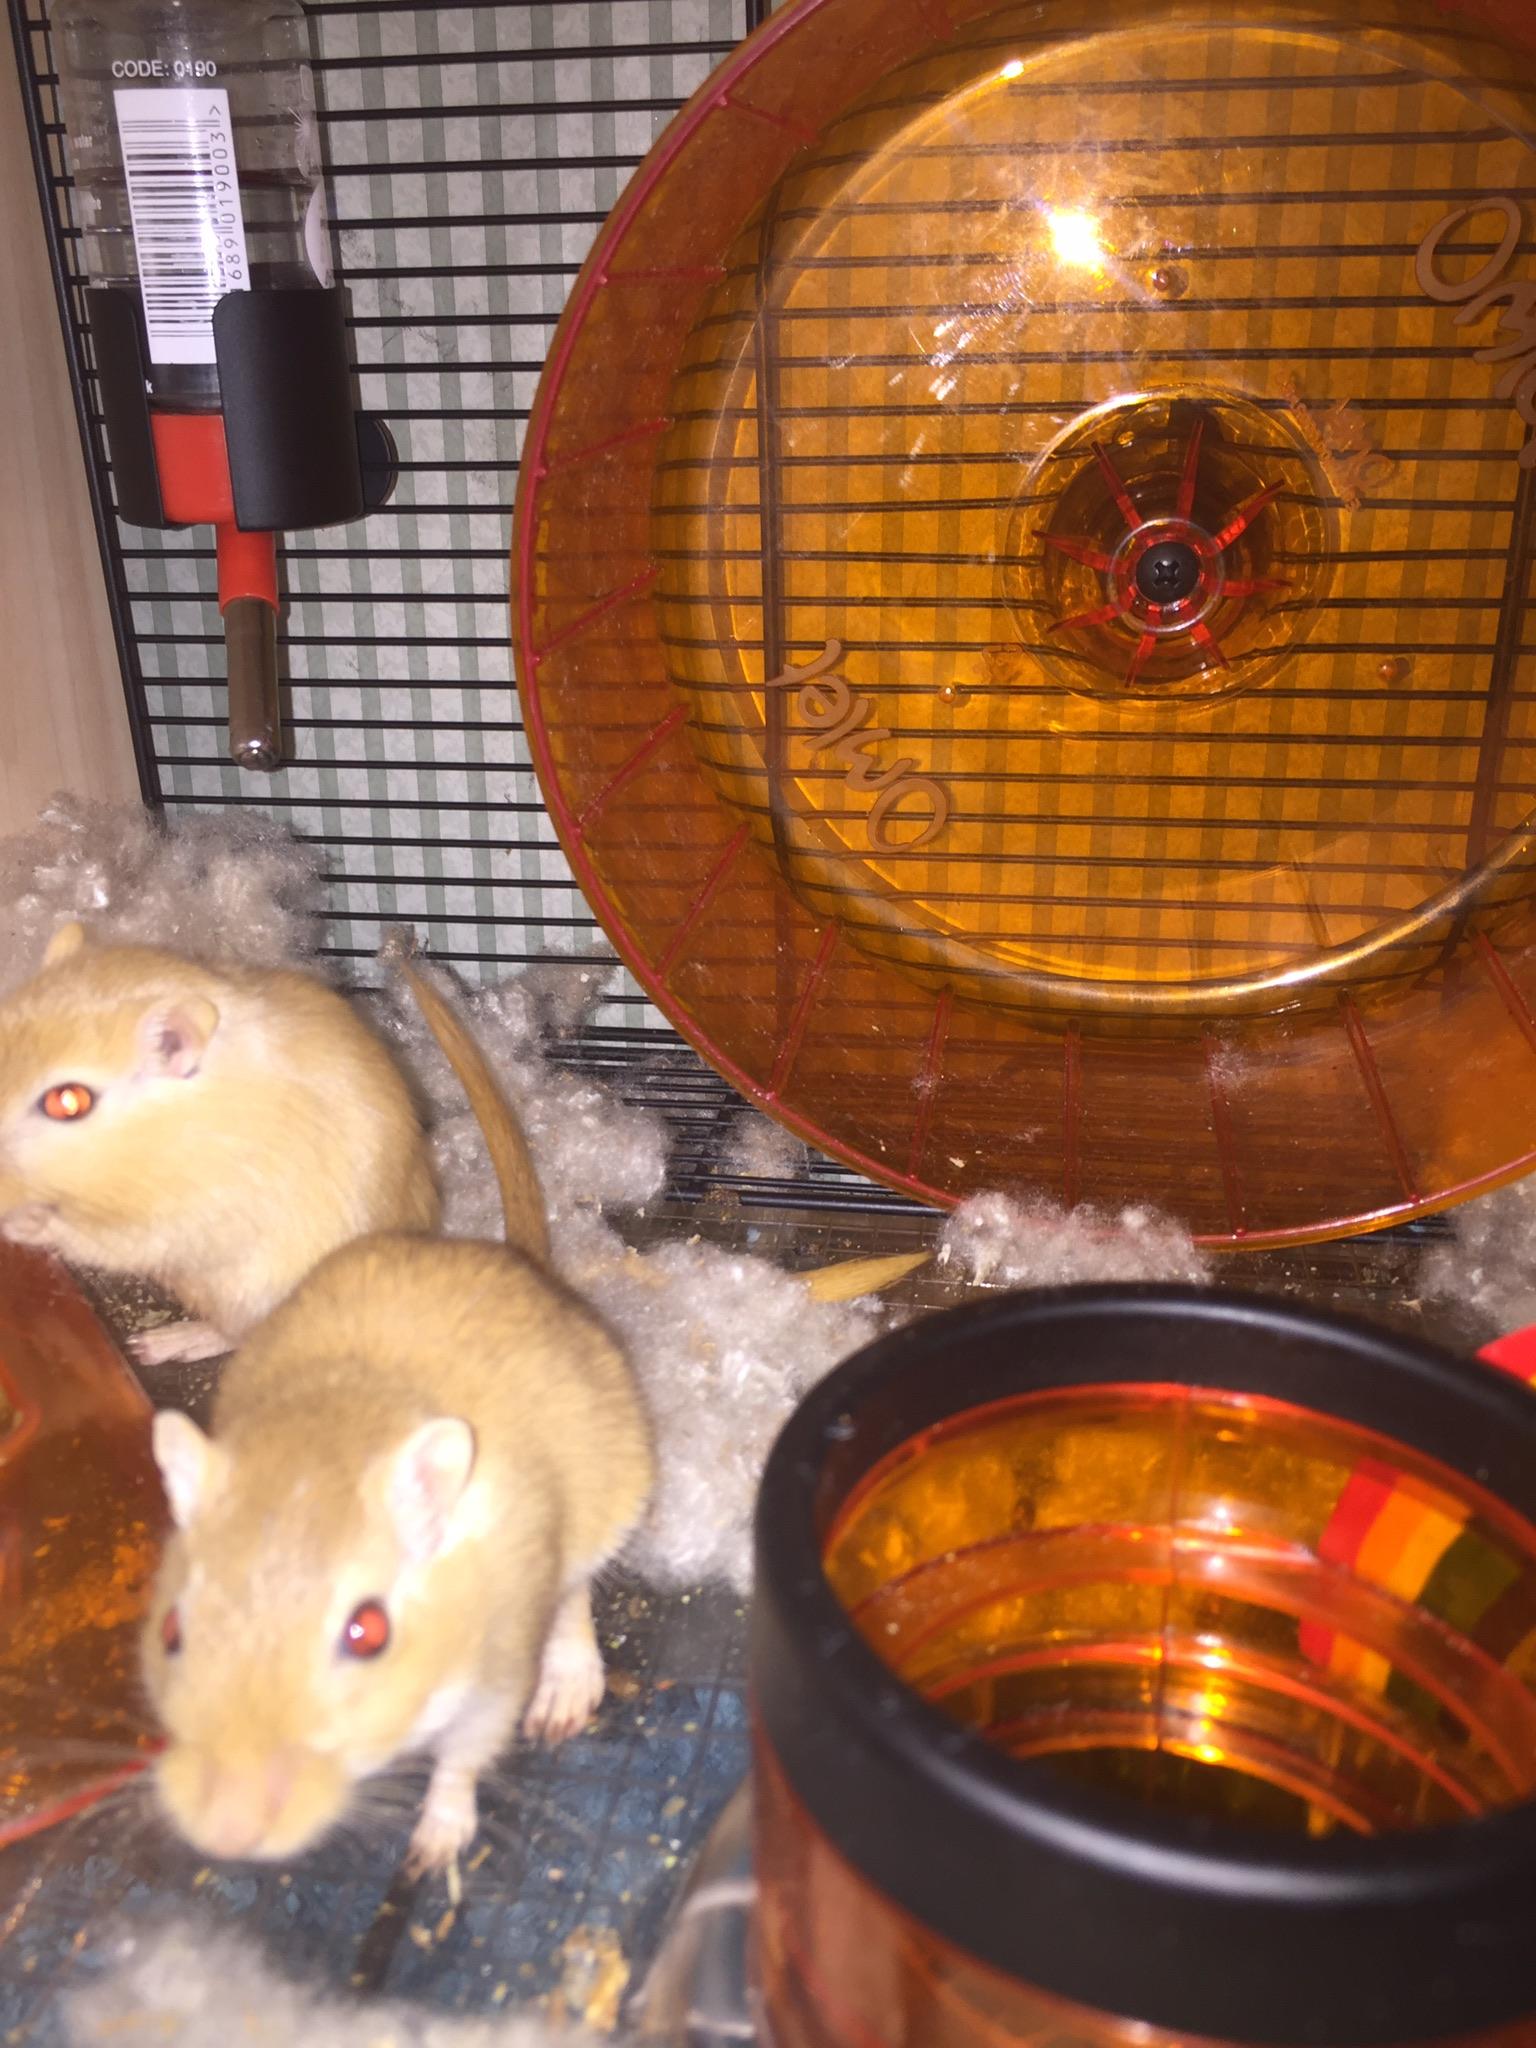 Qute kooi voor hamsters en gerbils